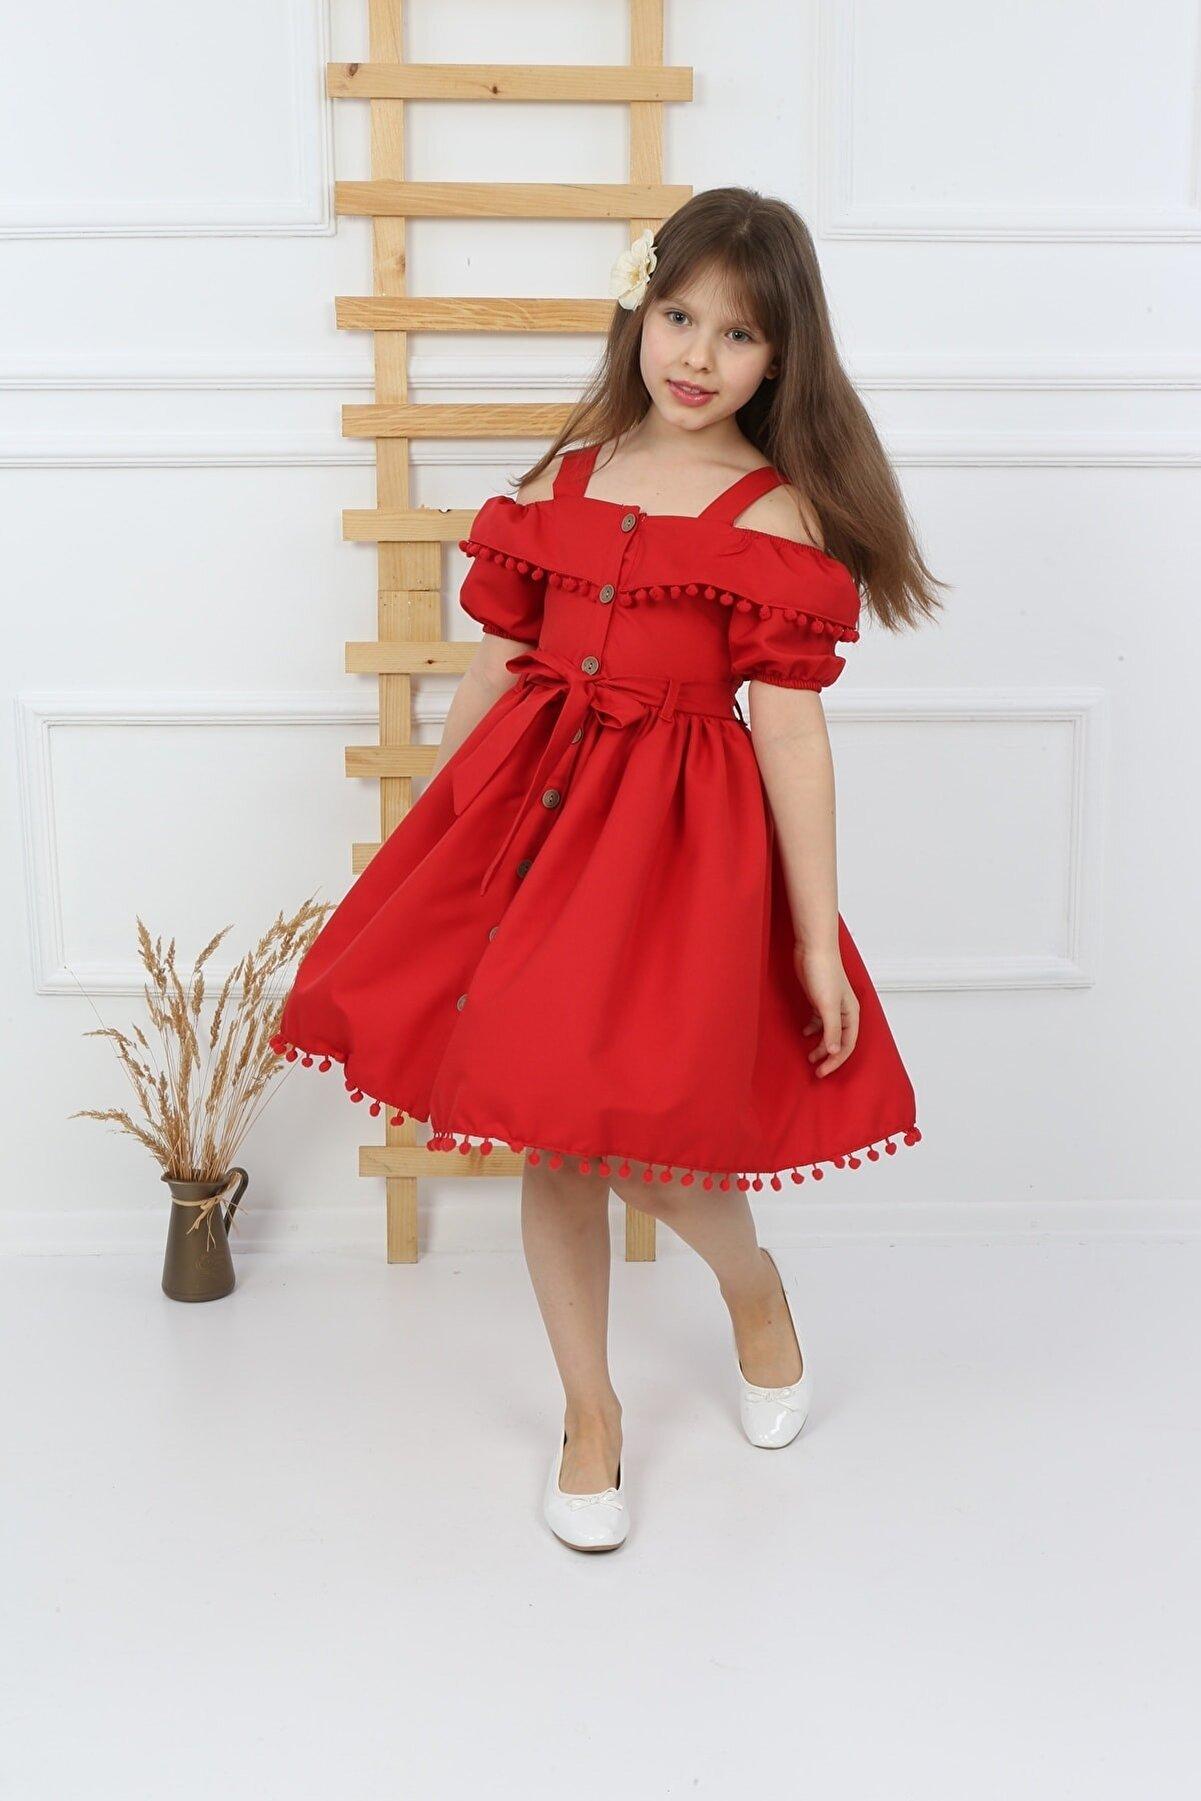 şımarık kids Kız Çocuk Kırmızı Ponponlu Krep Elbise